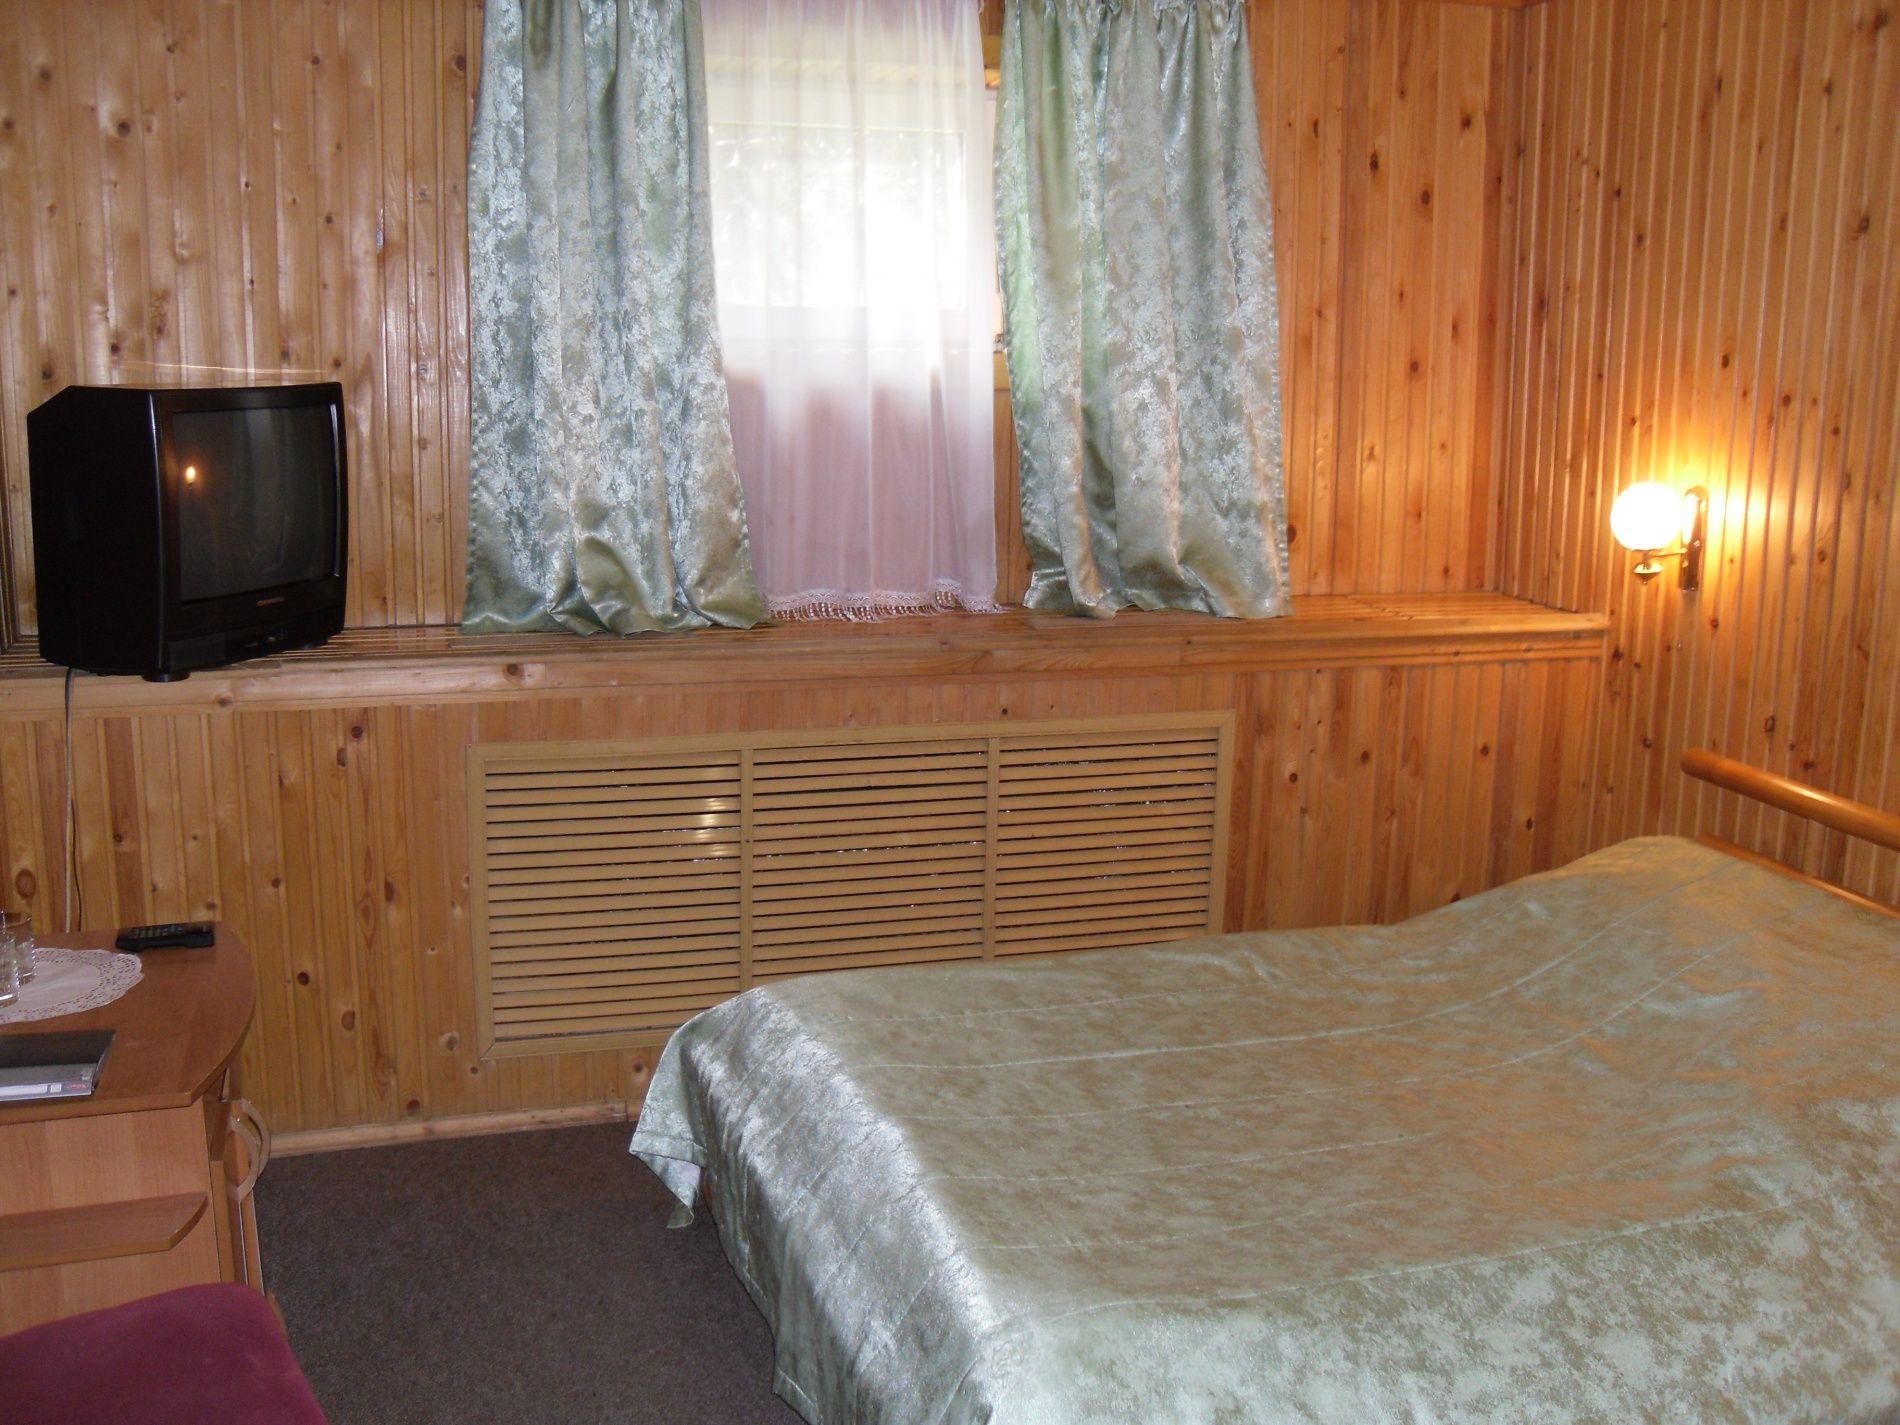 Туристический комплекс «Мирная Пристань» Ивановская область 1-комнатный номер 1 категории (№ 4, 6, 19, 10), фото 5